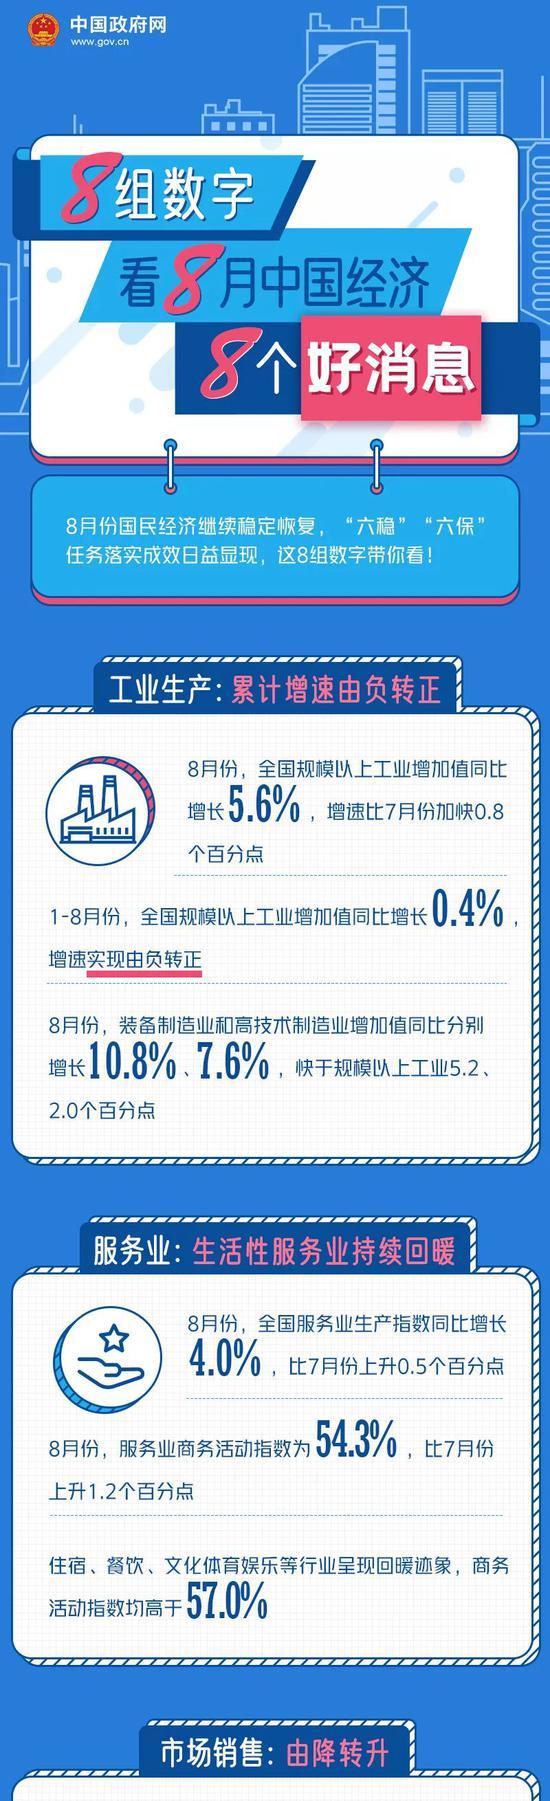 工业生产、服务业、市场销售……8组数字看8月中国经济8个好消息